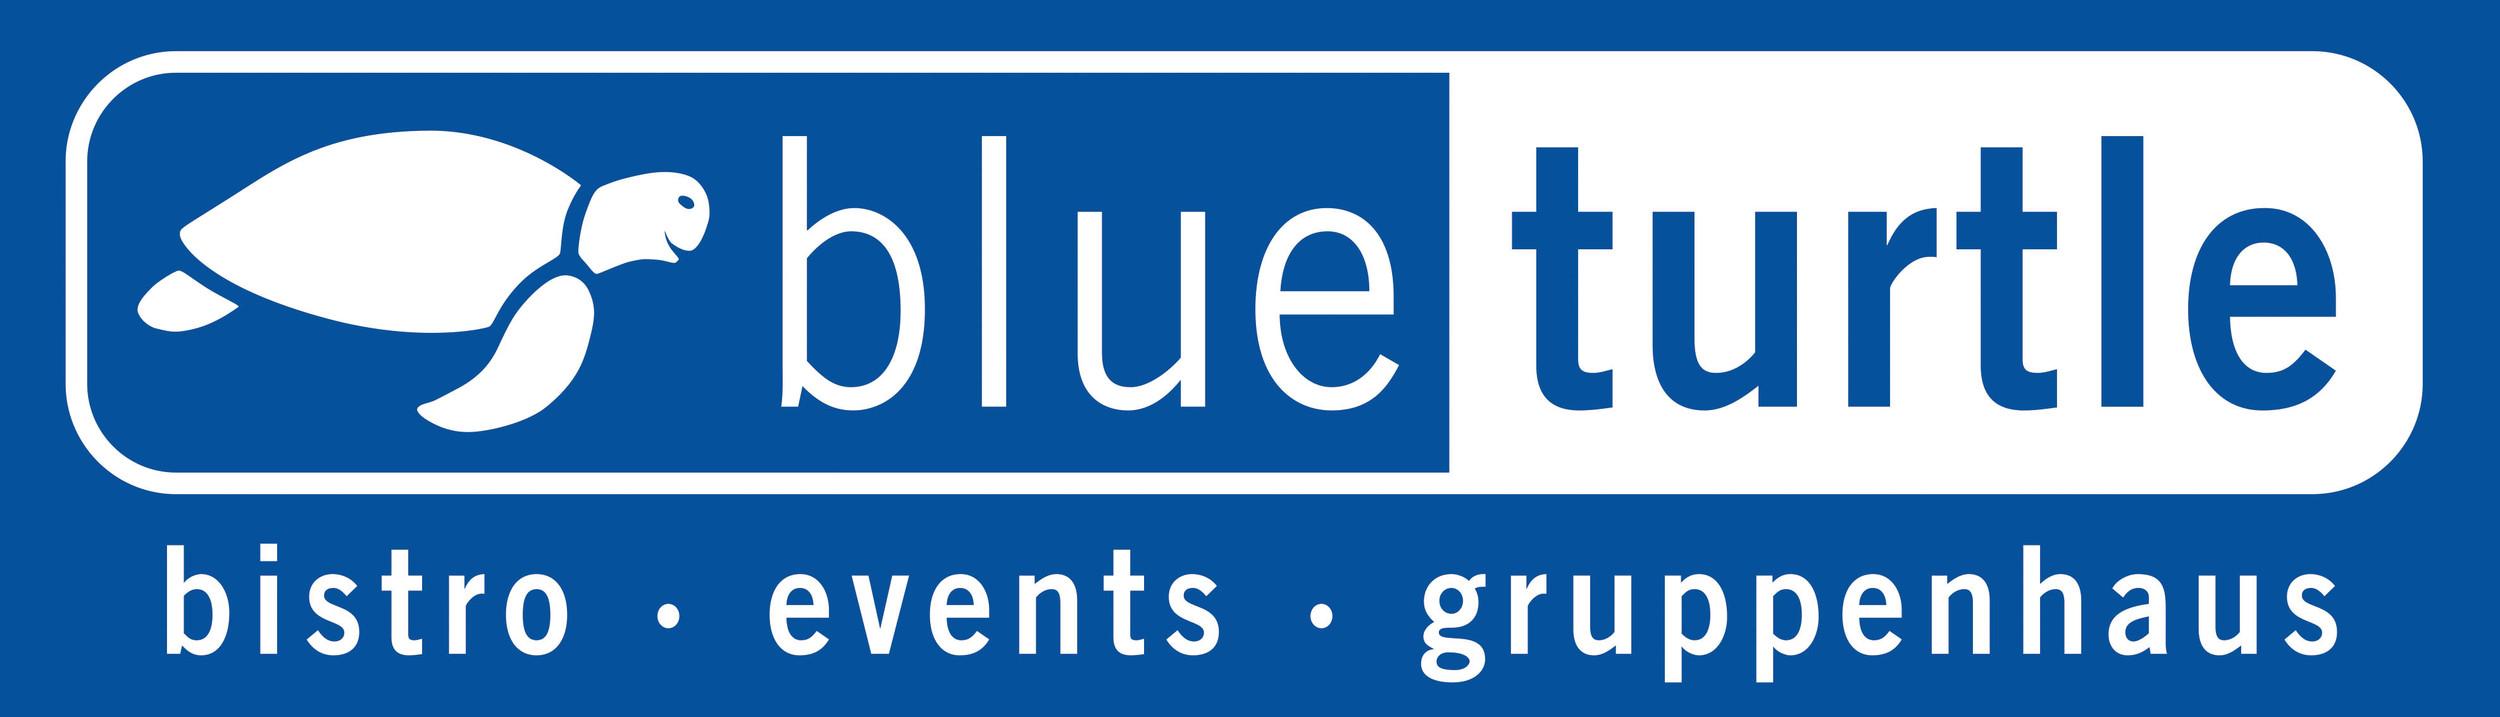 blueturtle.jpeg